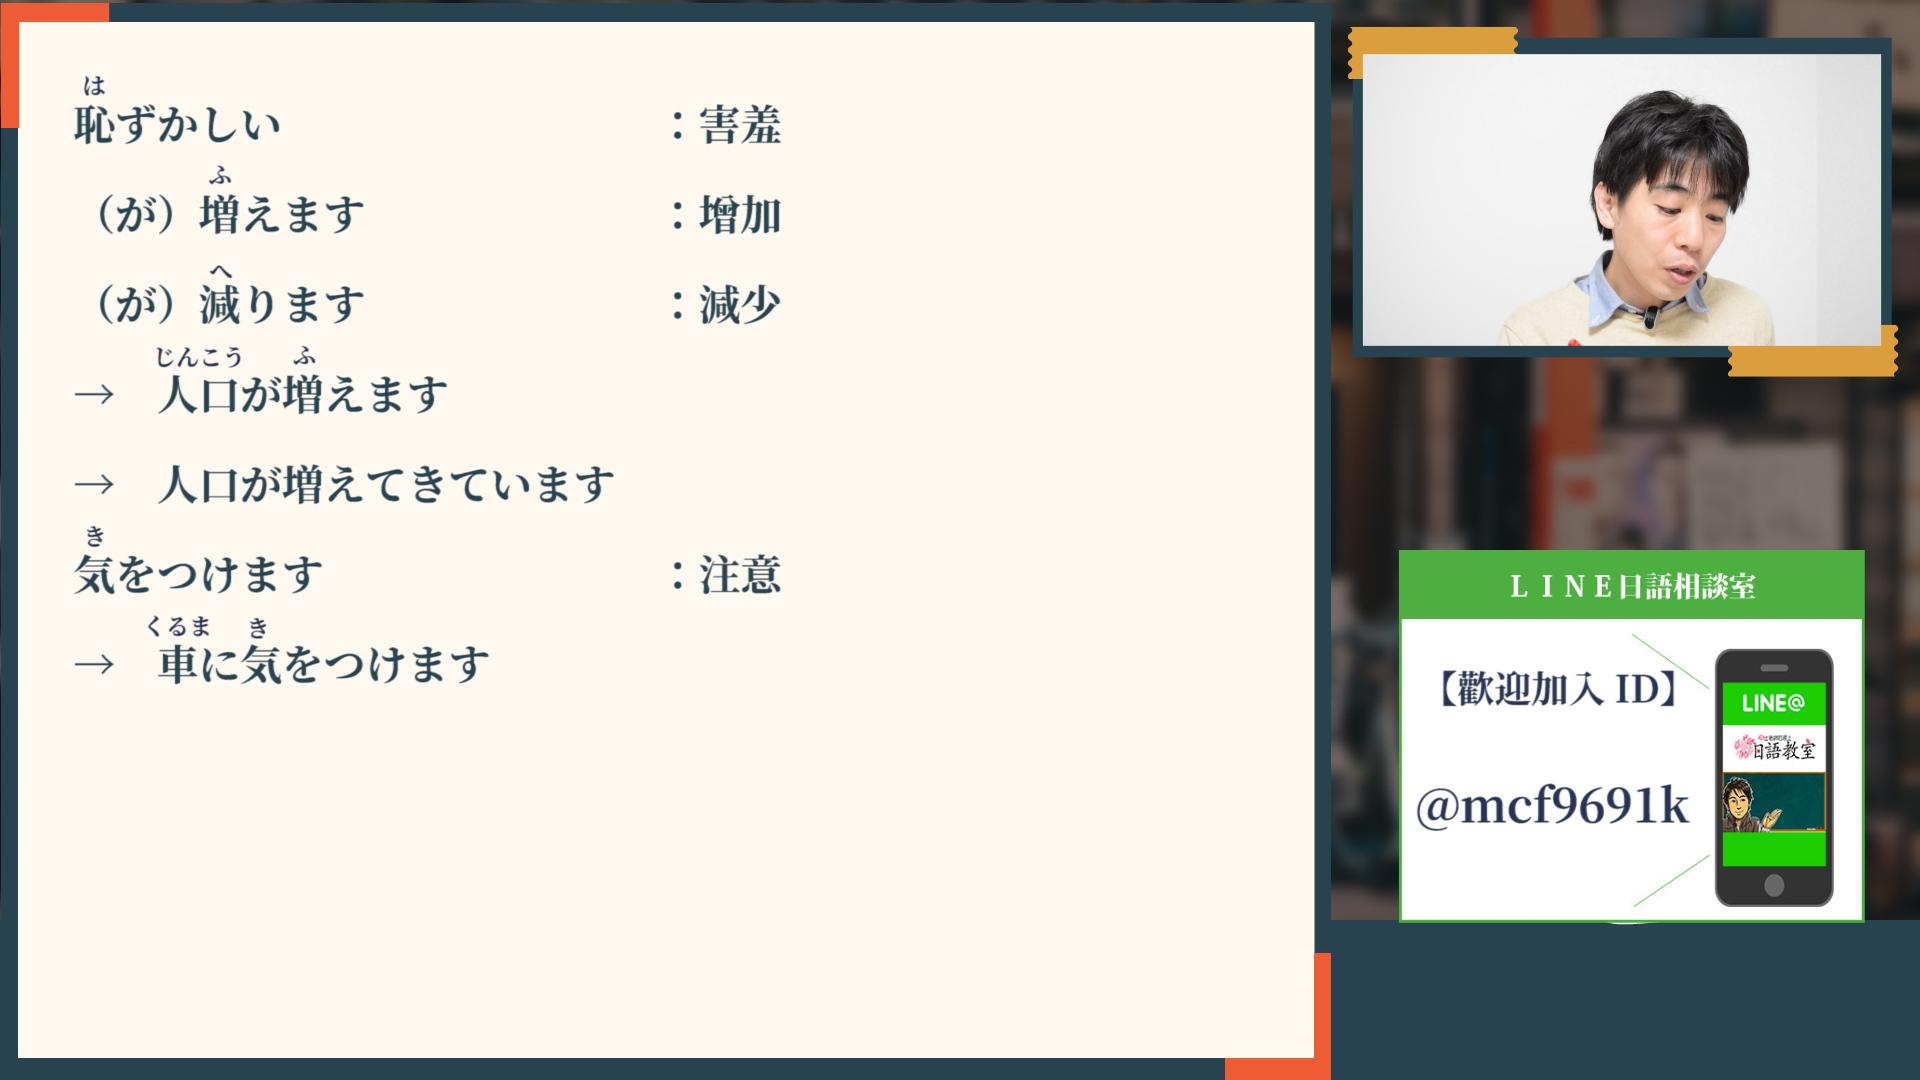 01-3お菓子